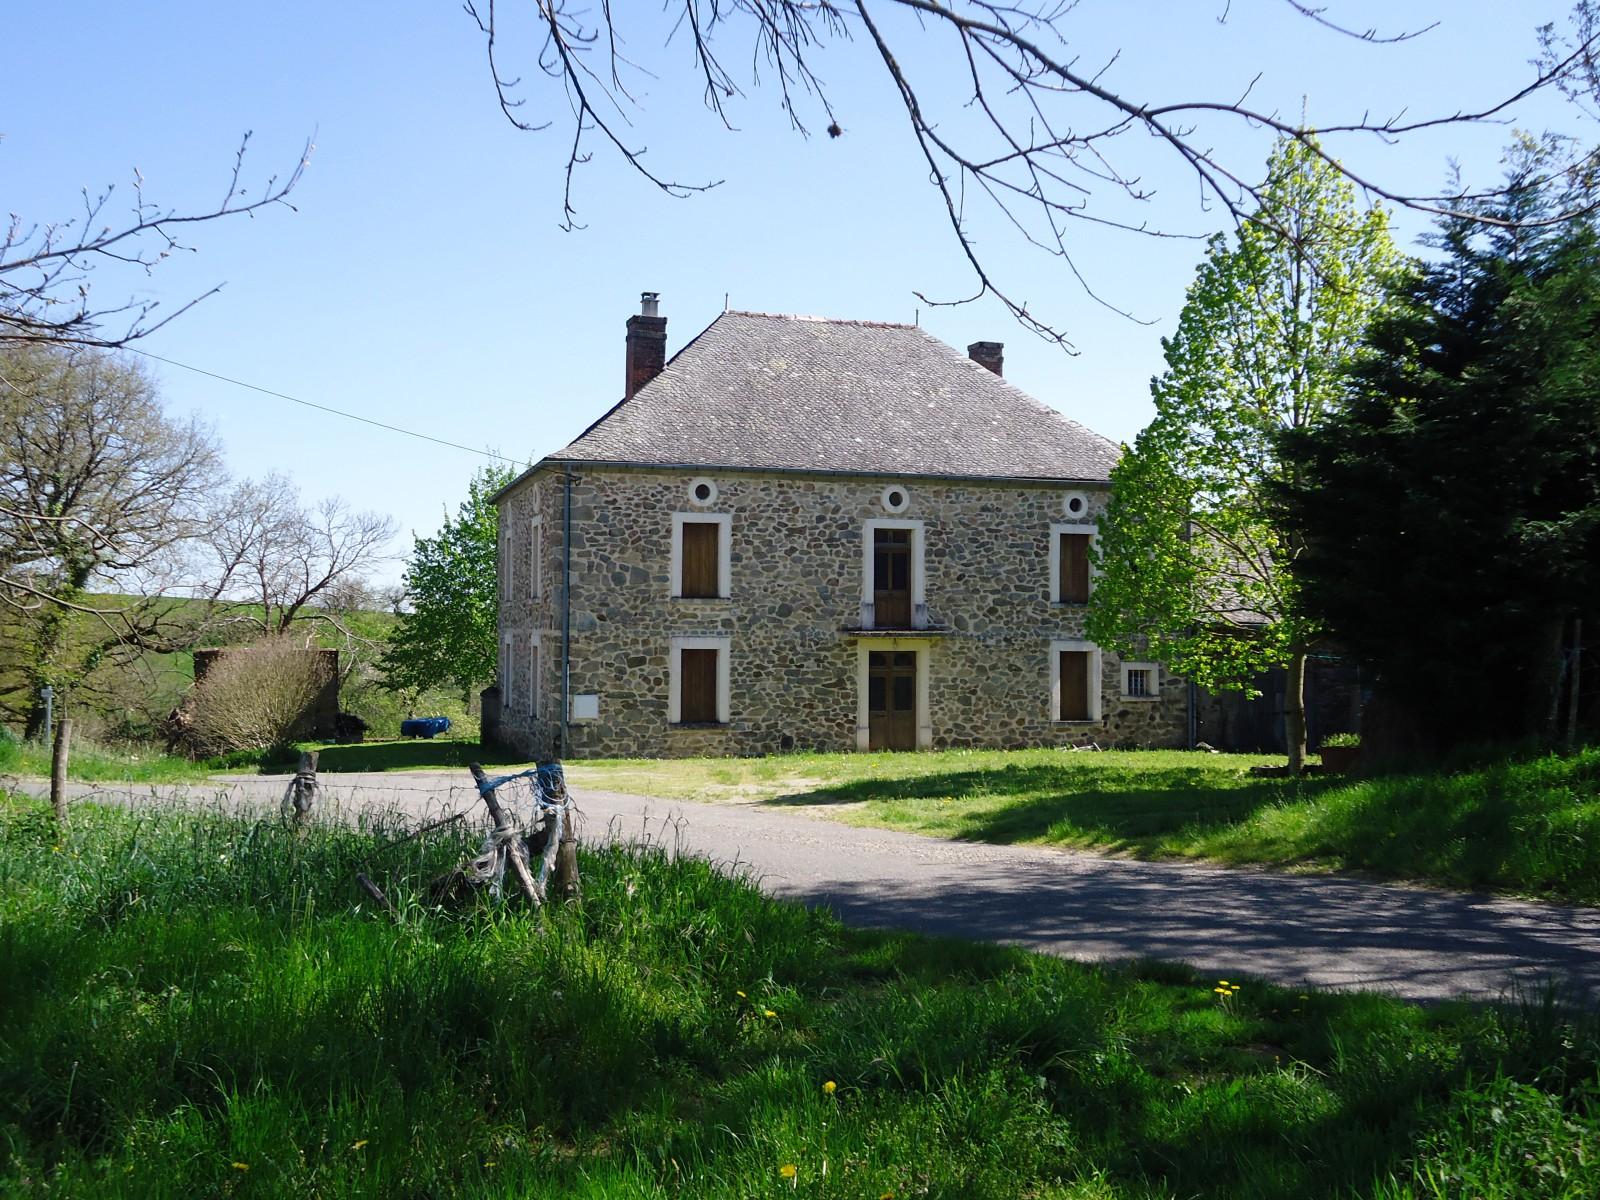 Une Maison Belle : Photo une belle maison